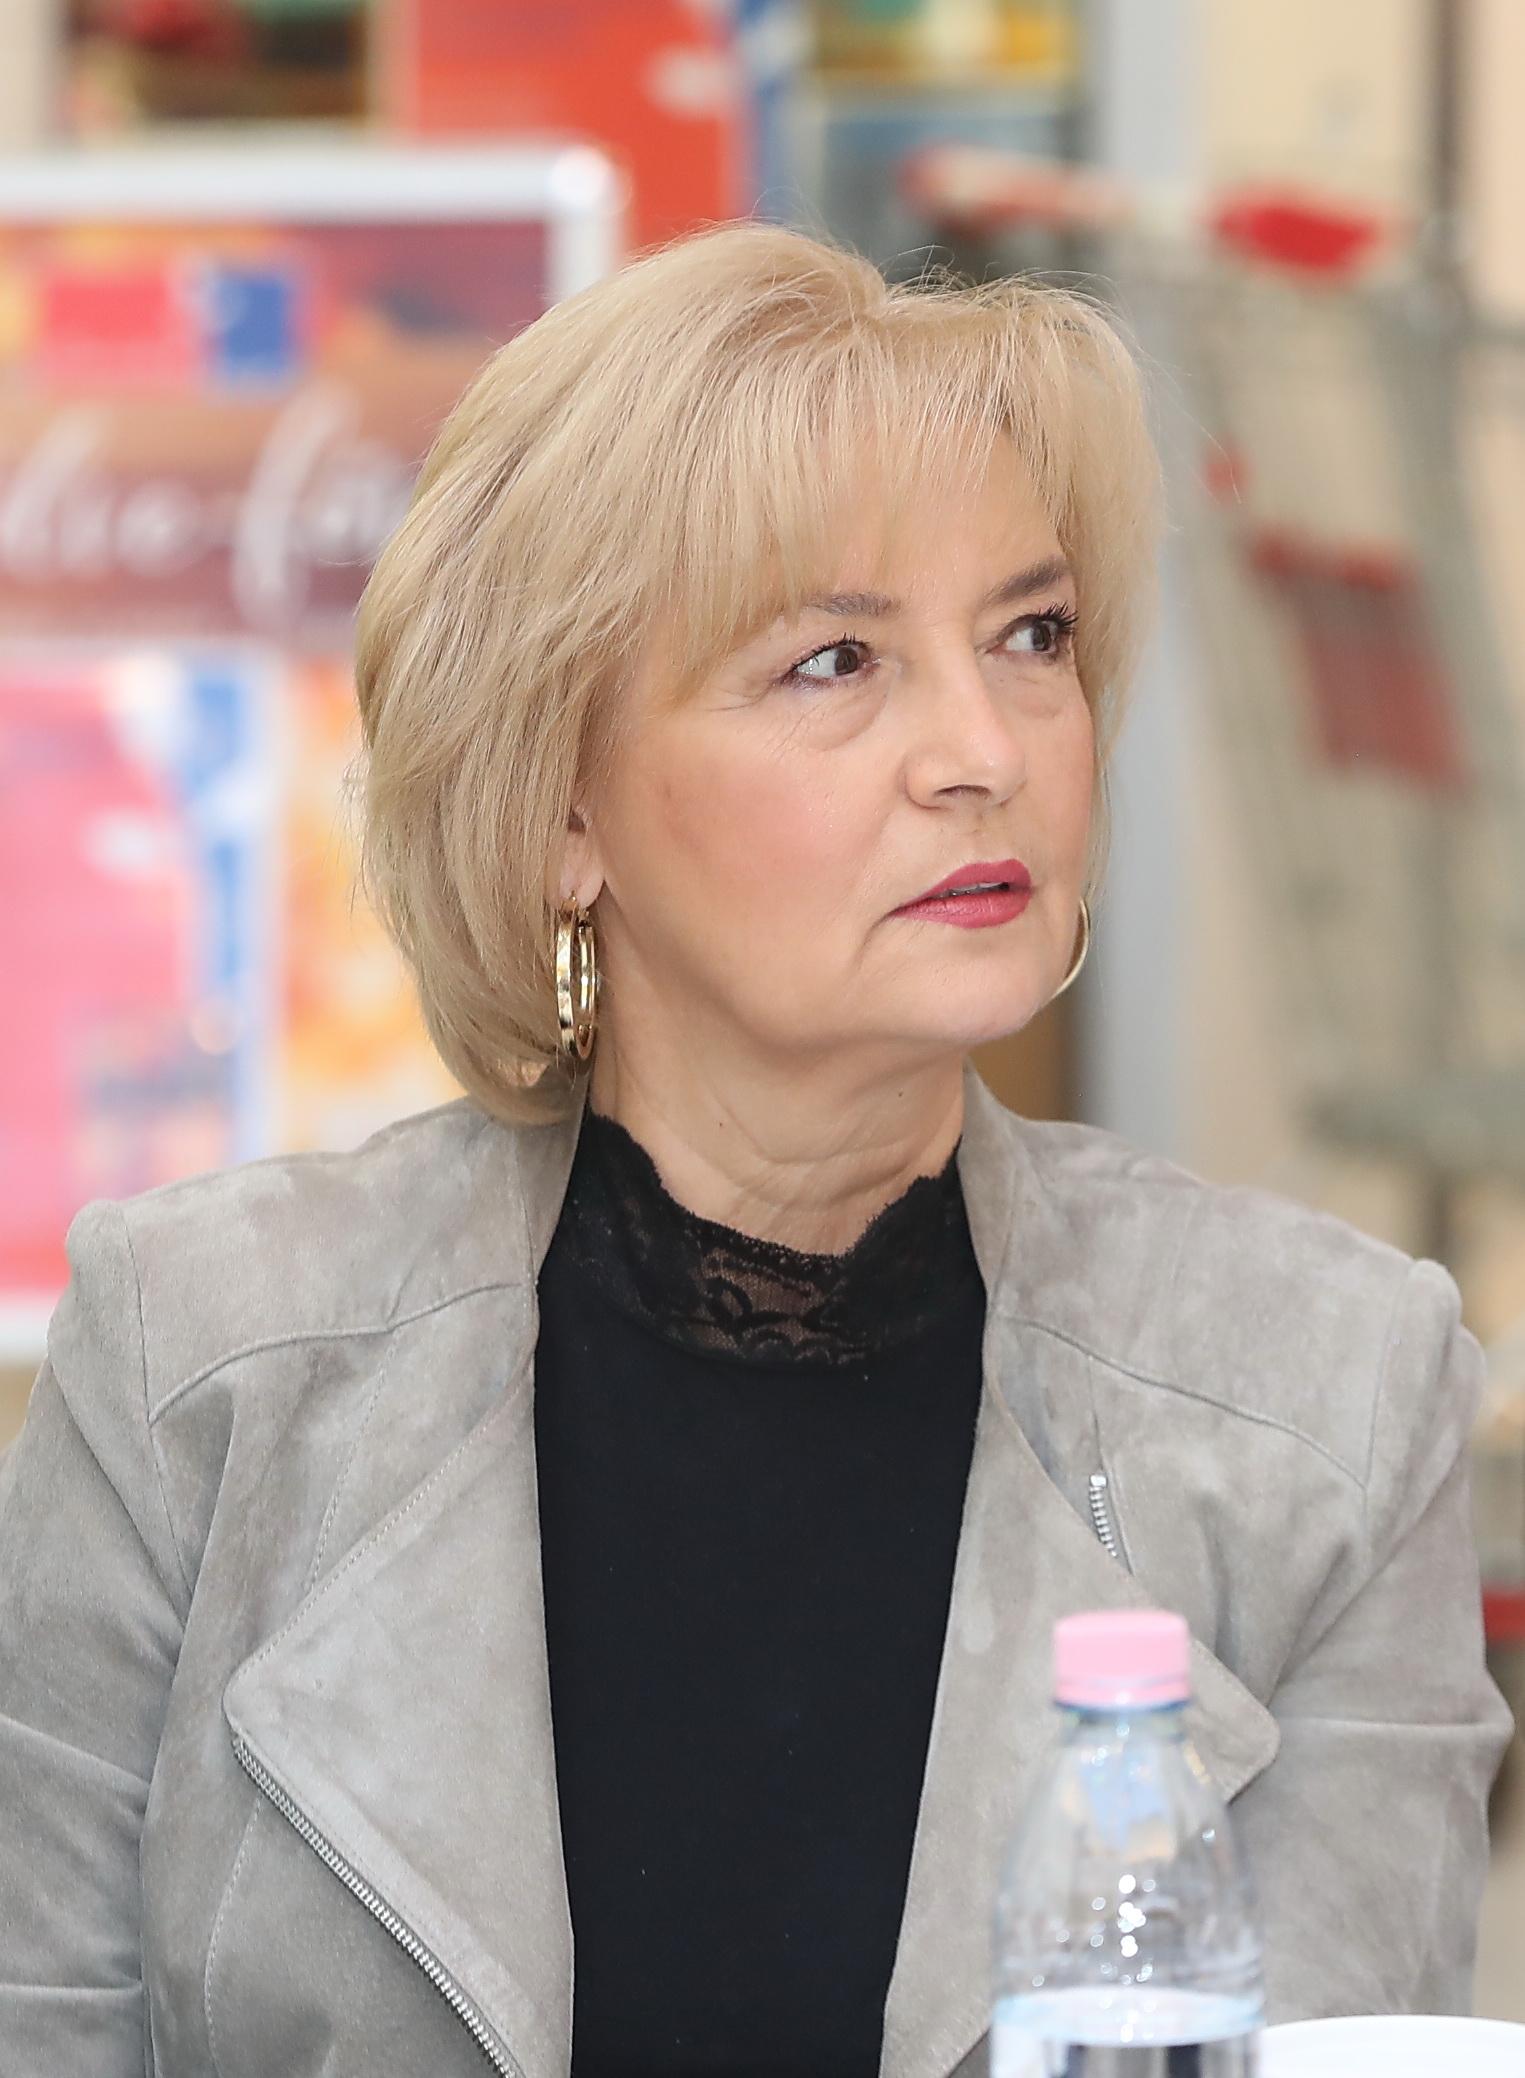 Aalst nyúlállat társkereső oldal slutty öreg ribanc feleség 71 szex szerelem társkereső játék